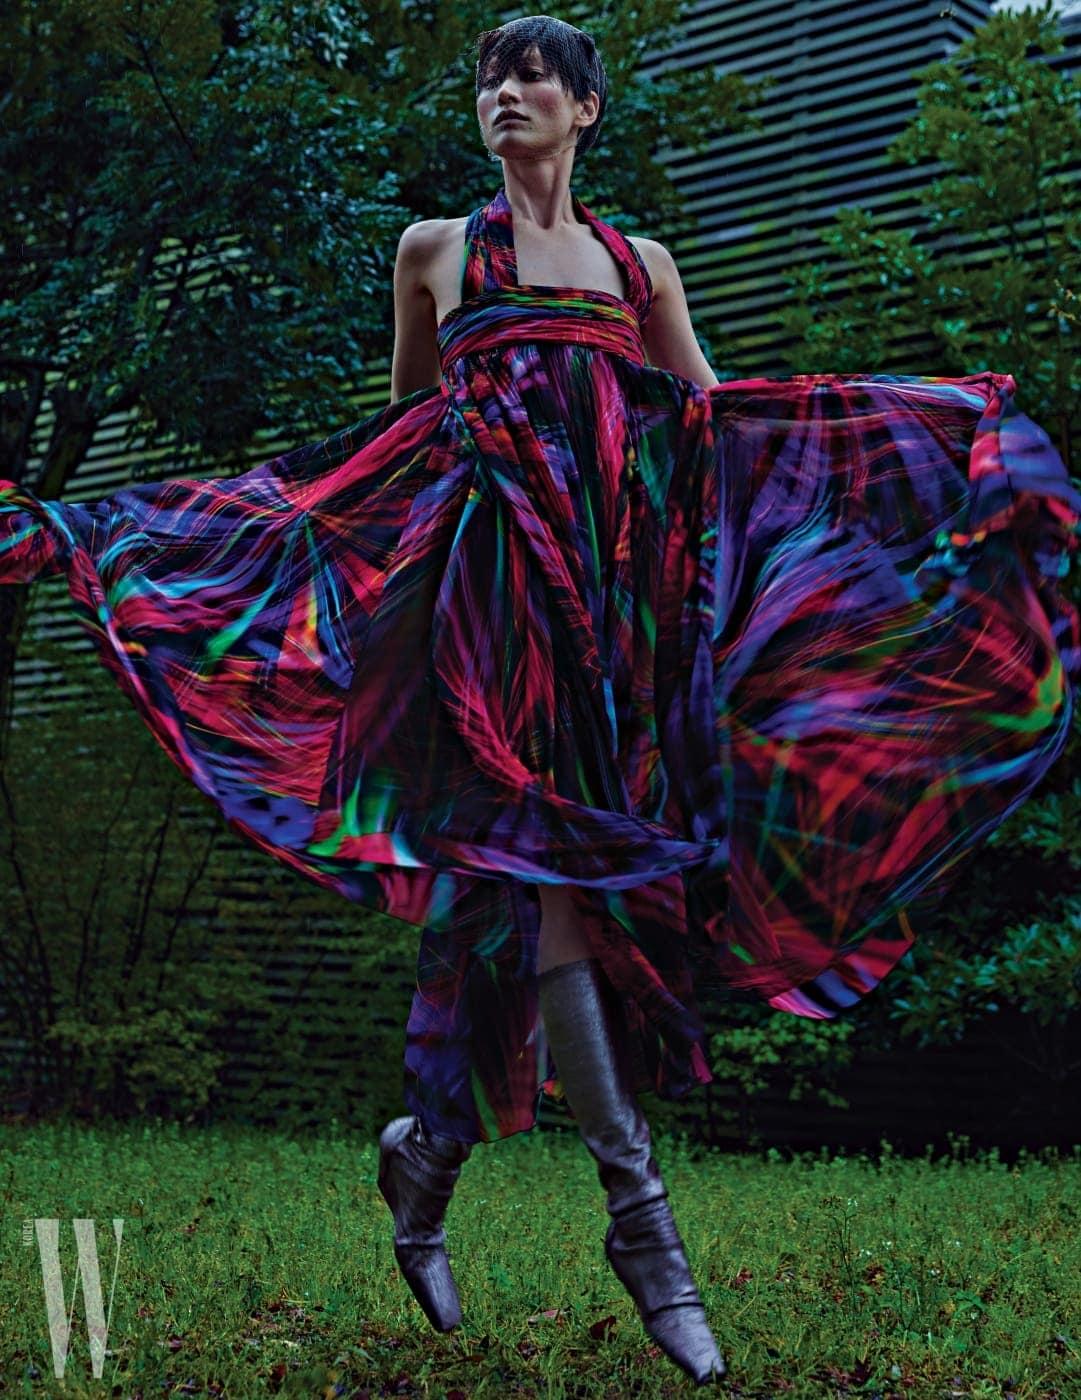 현란한 디지털 프린트 드레스는 Chanel, 부츠는 Rick Owens 제품.